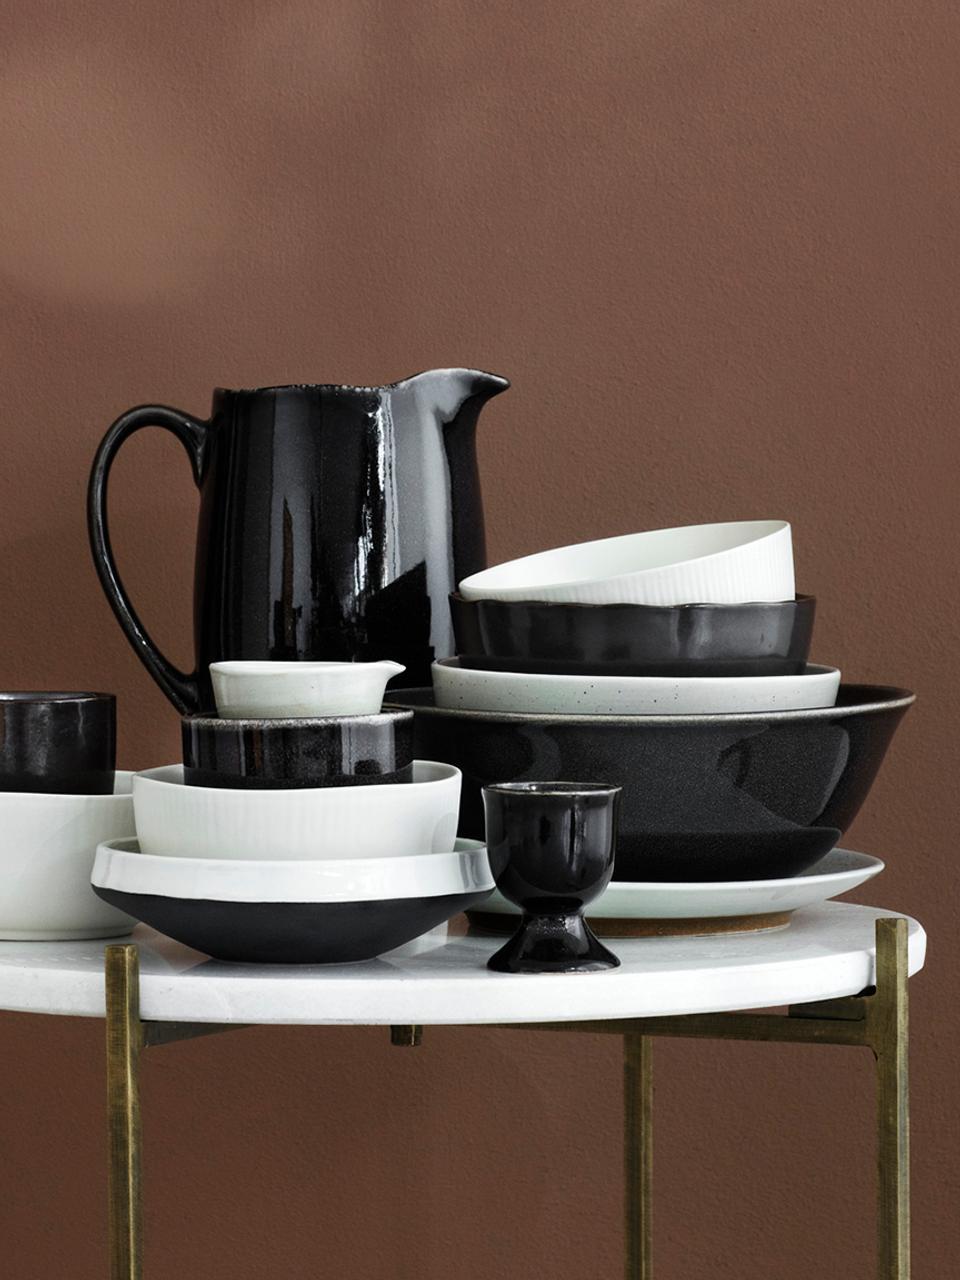 Portauova in terracotta fatto a mano Nordic Coal 4 pz, Terracotta, Marrone scuro, Ø 5 x Alt. 6 cm